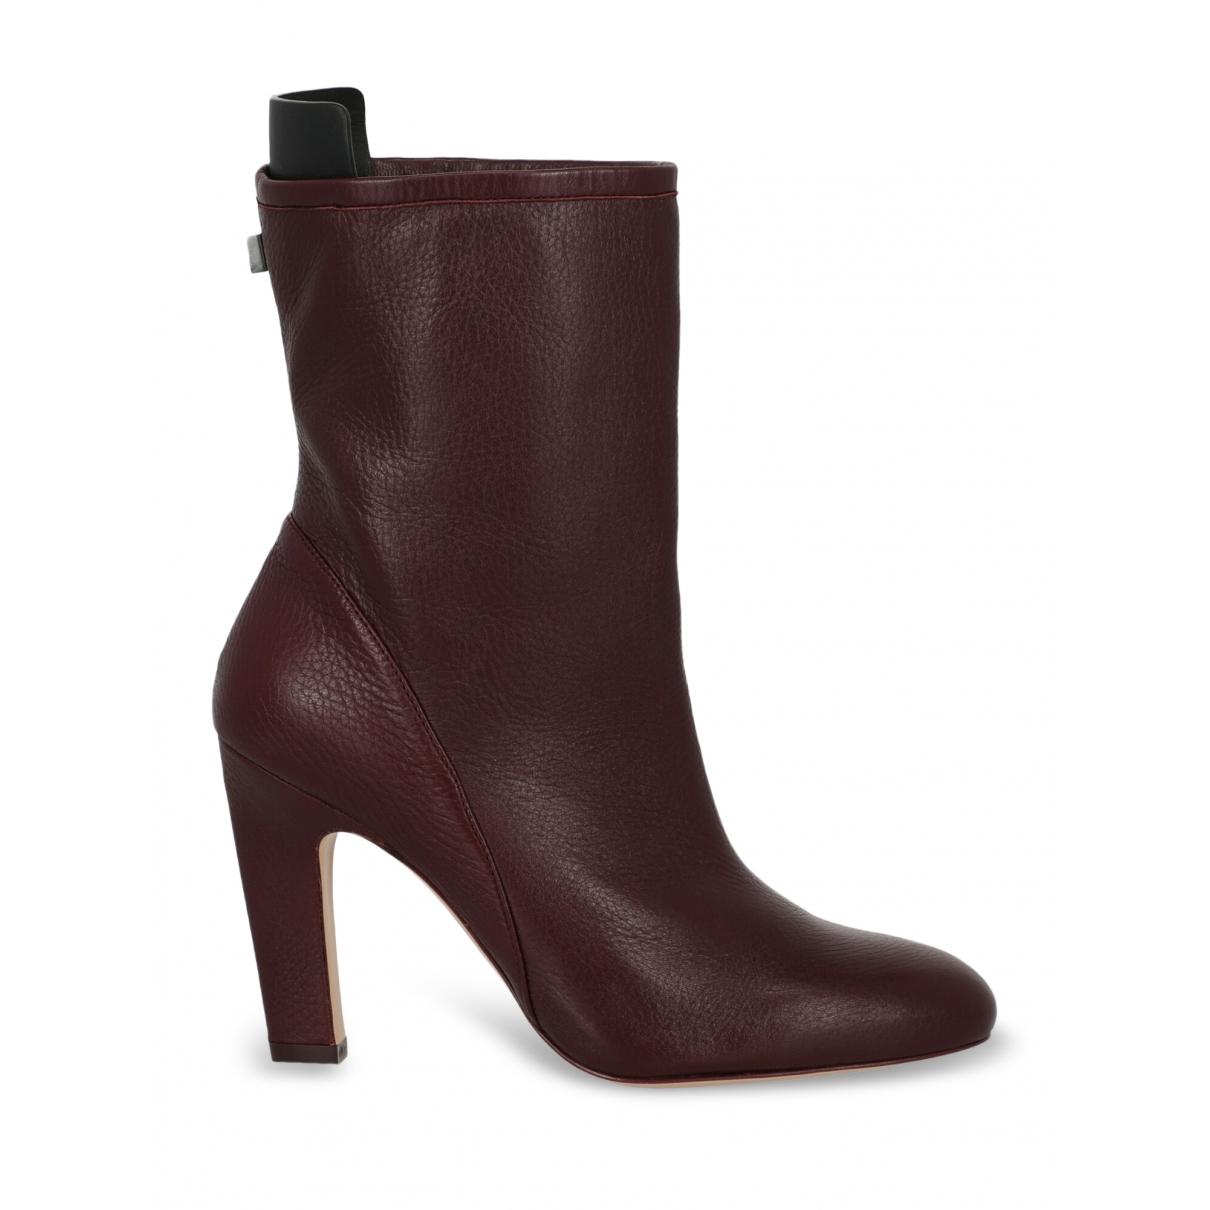 Stuart Weitzman - Boots   pour femme en cuir - bordeaux